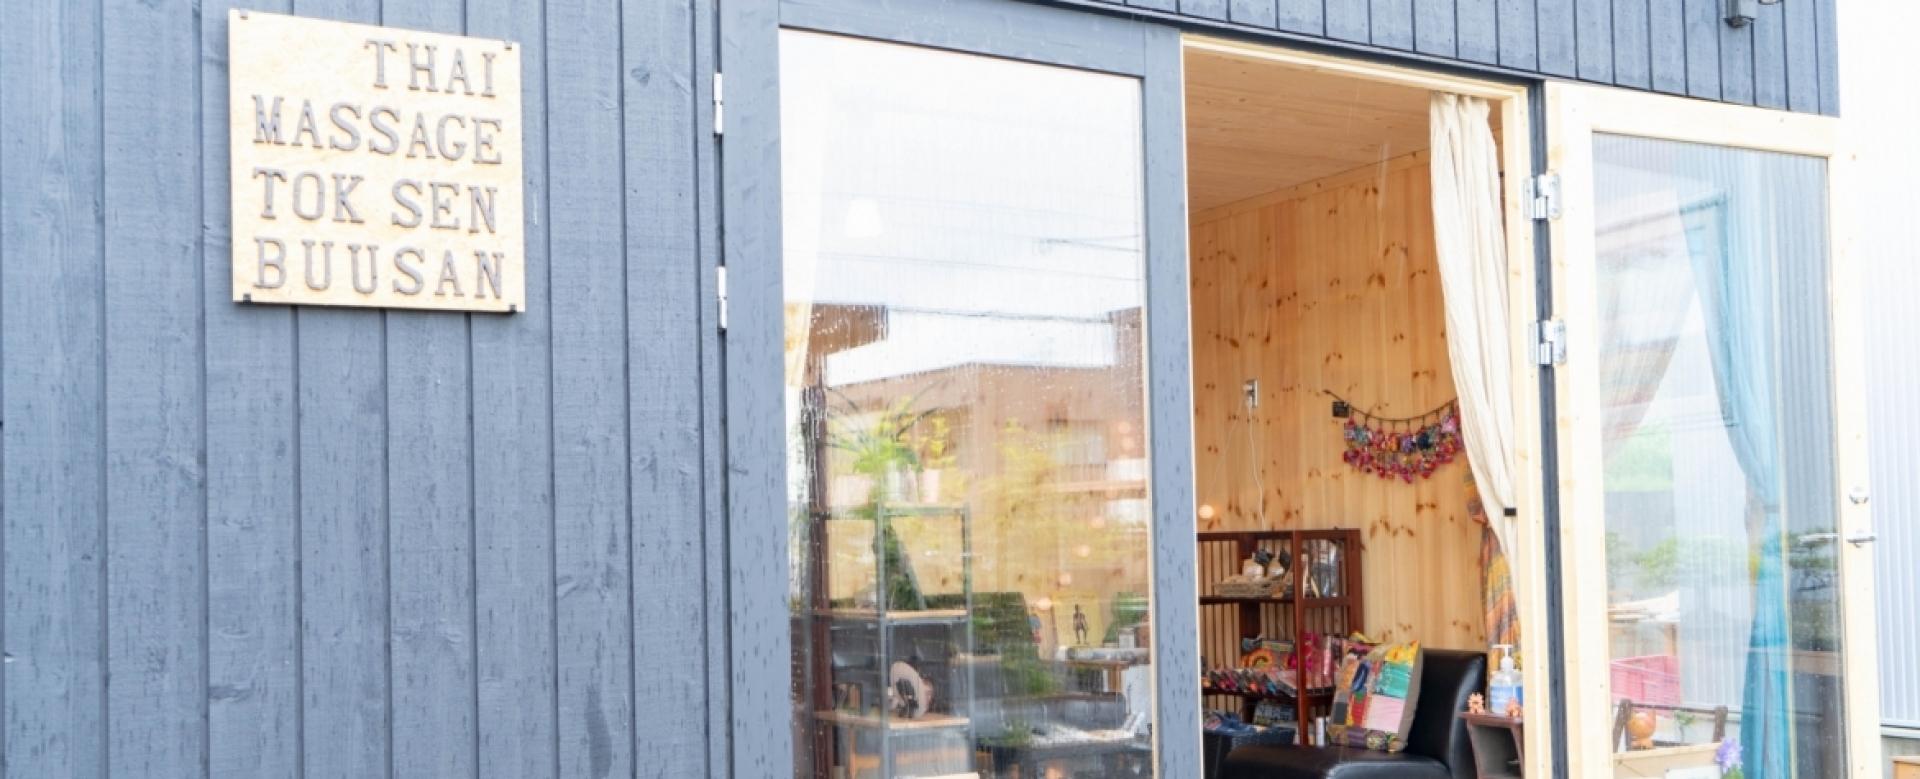 札幌近郊の北広島市にあるタイ古式マッサージ・トークセンのリラクゼーションサロン「ぶーさん」